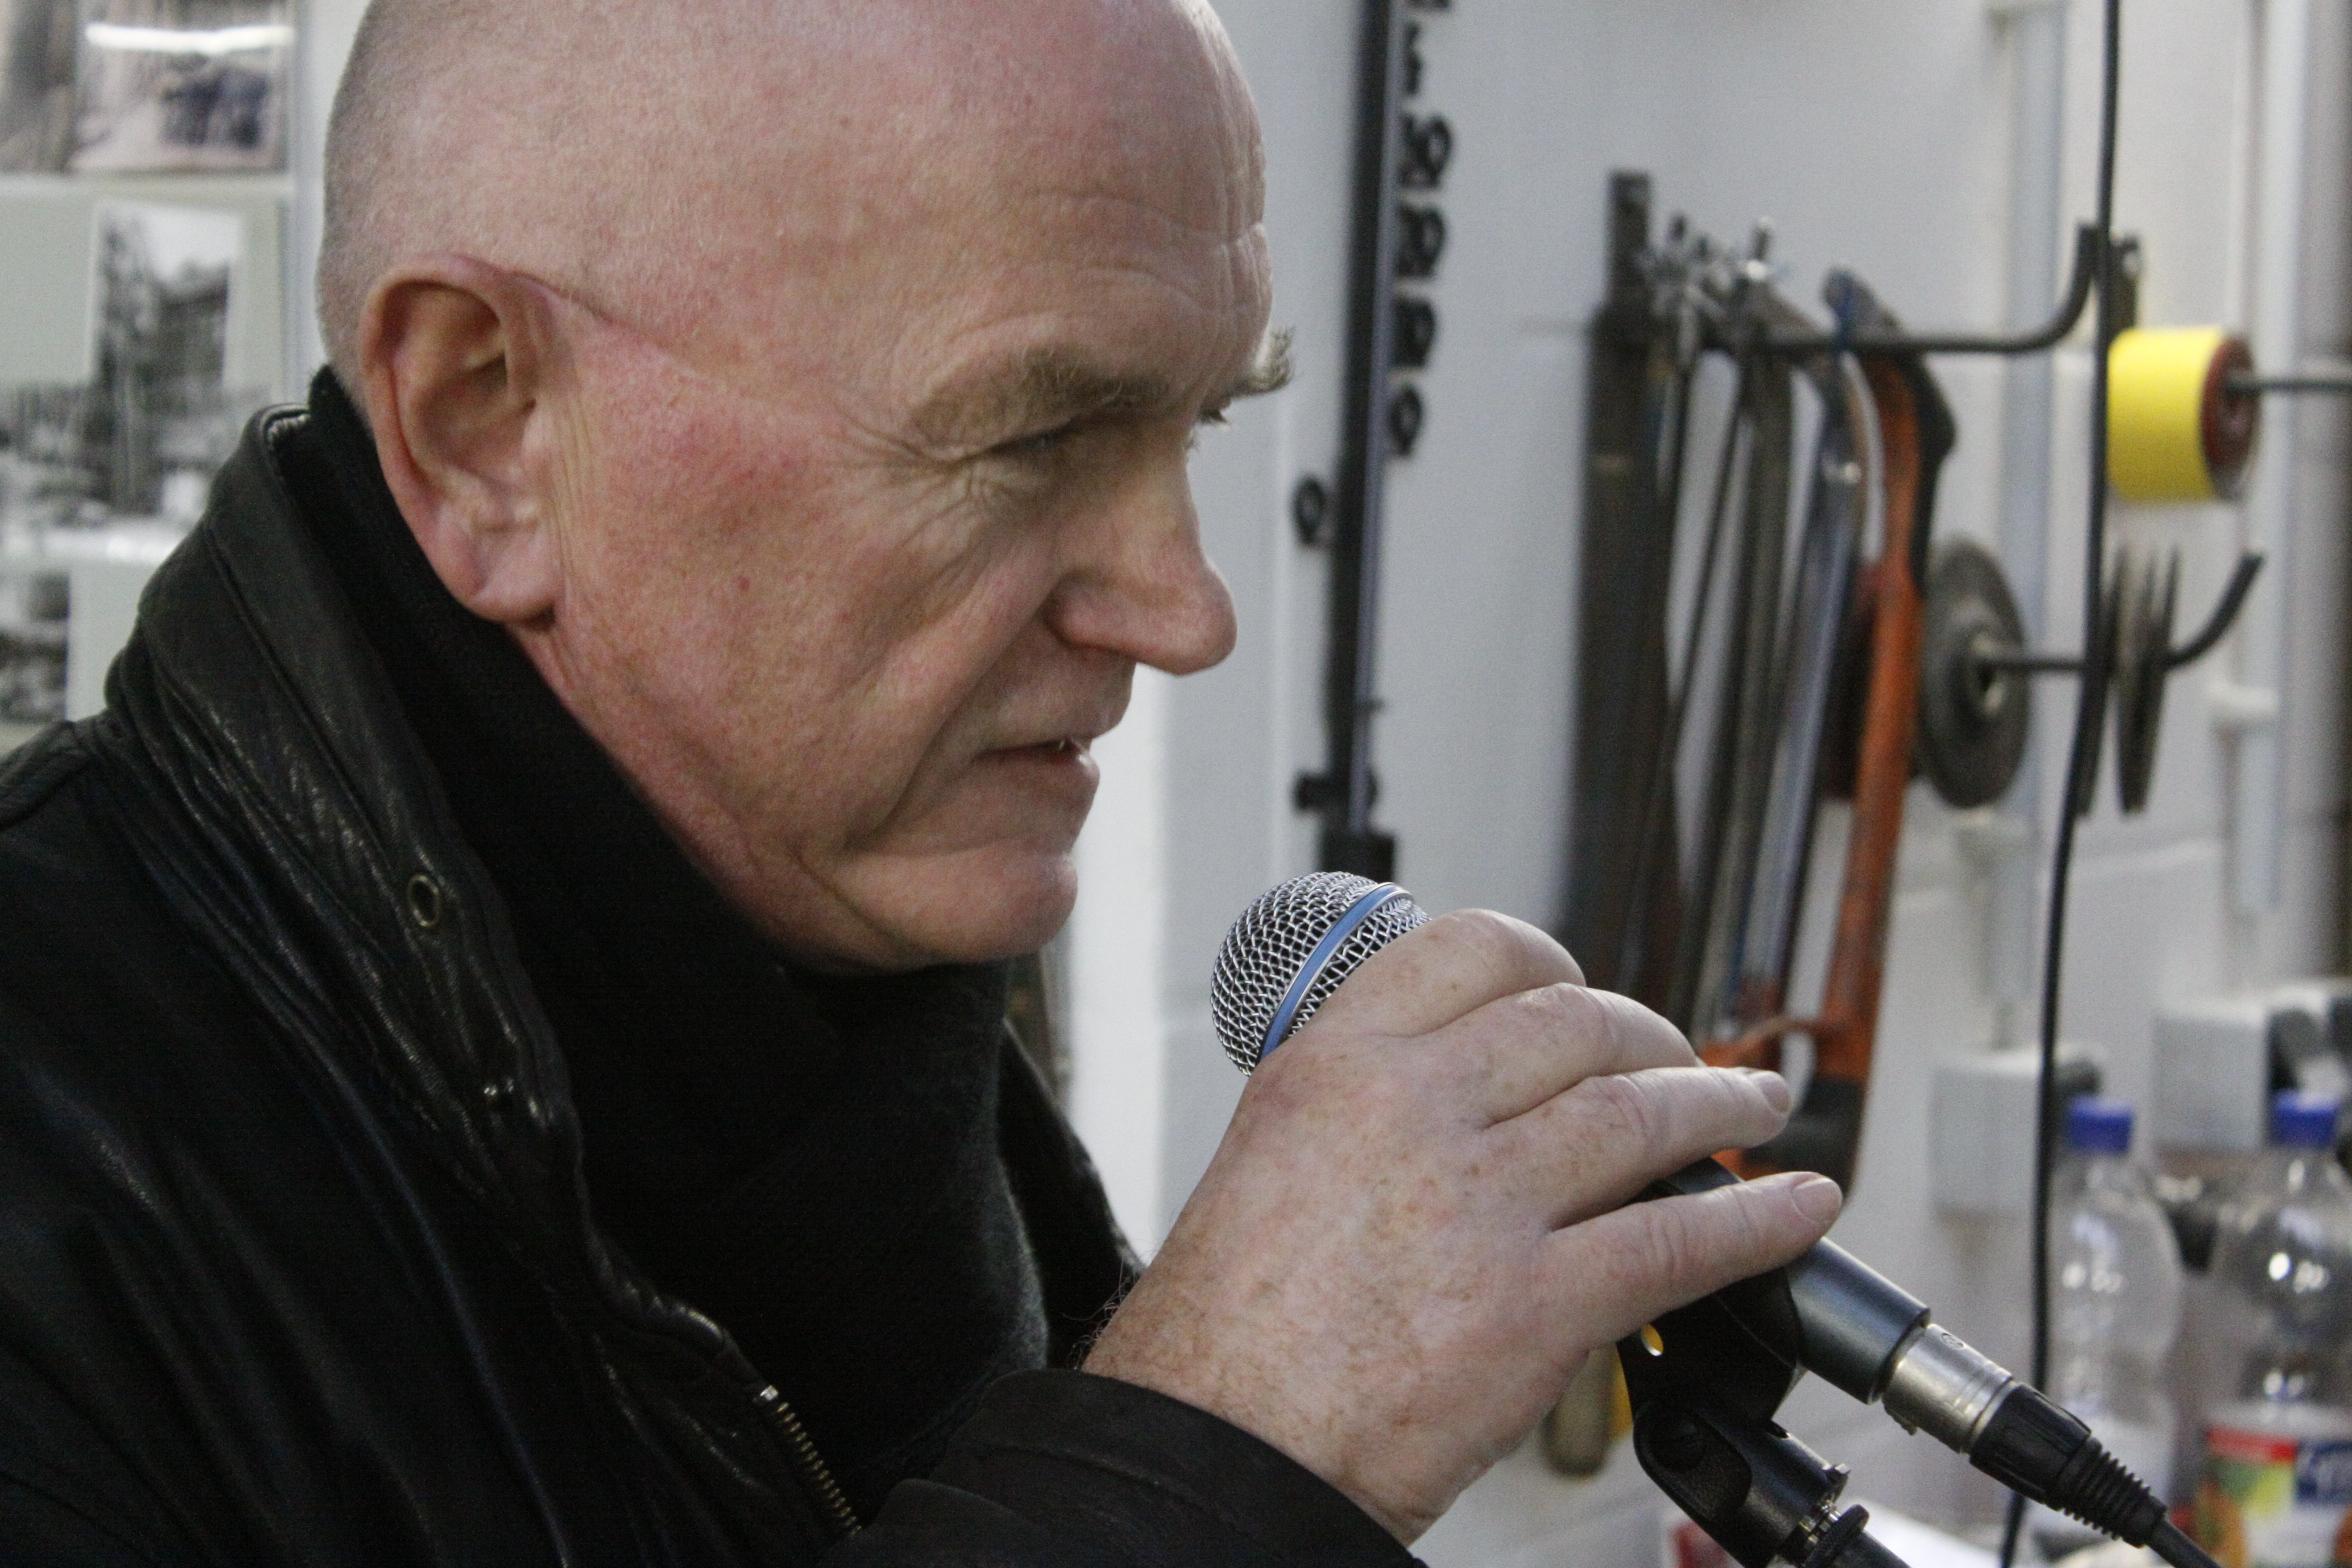 Rolf Stiska, Geschäftsführer der Theater, Oper und Orchester GmbH Halle